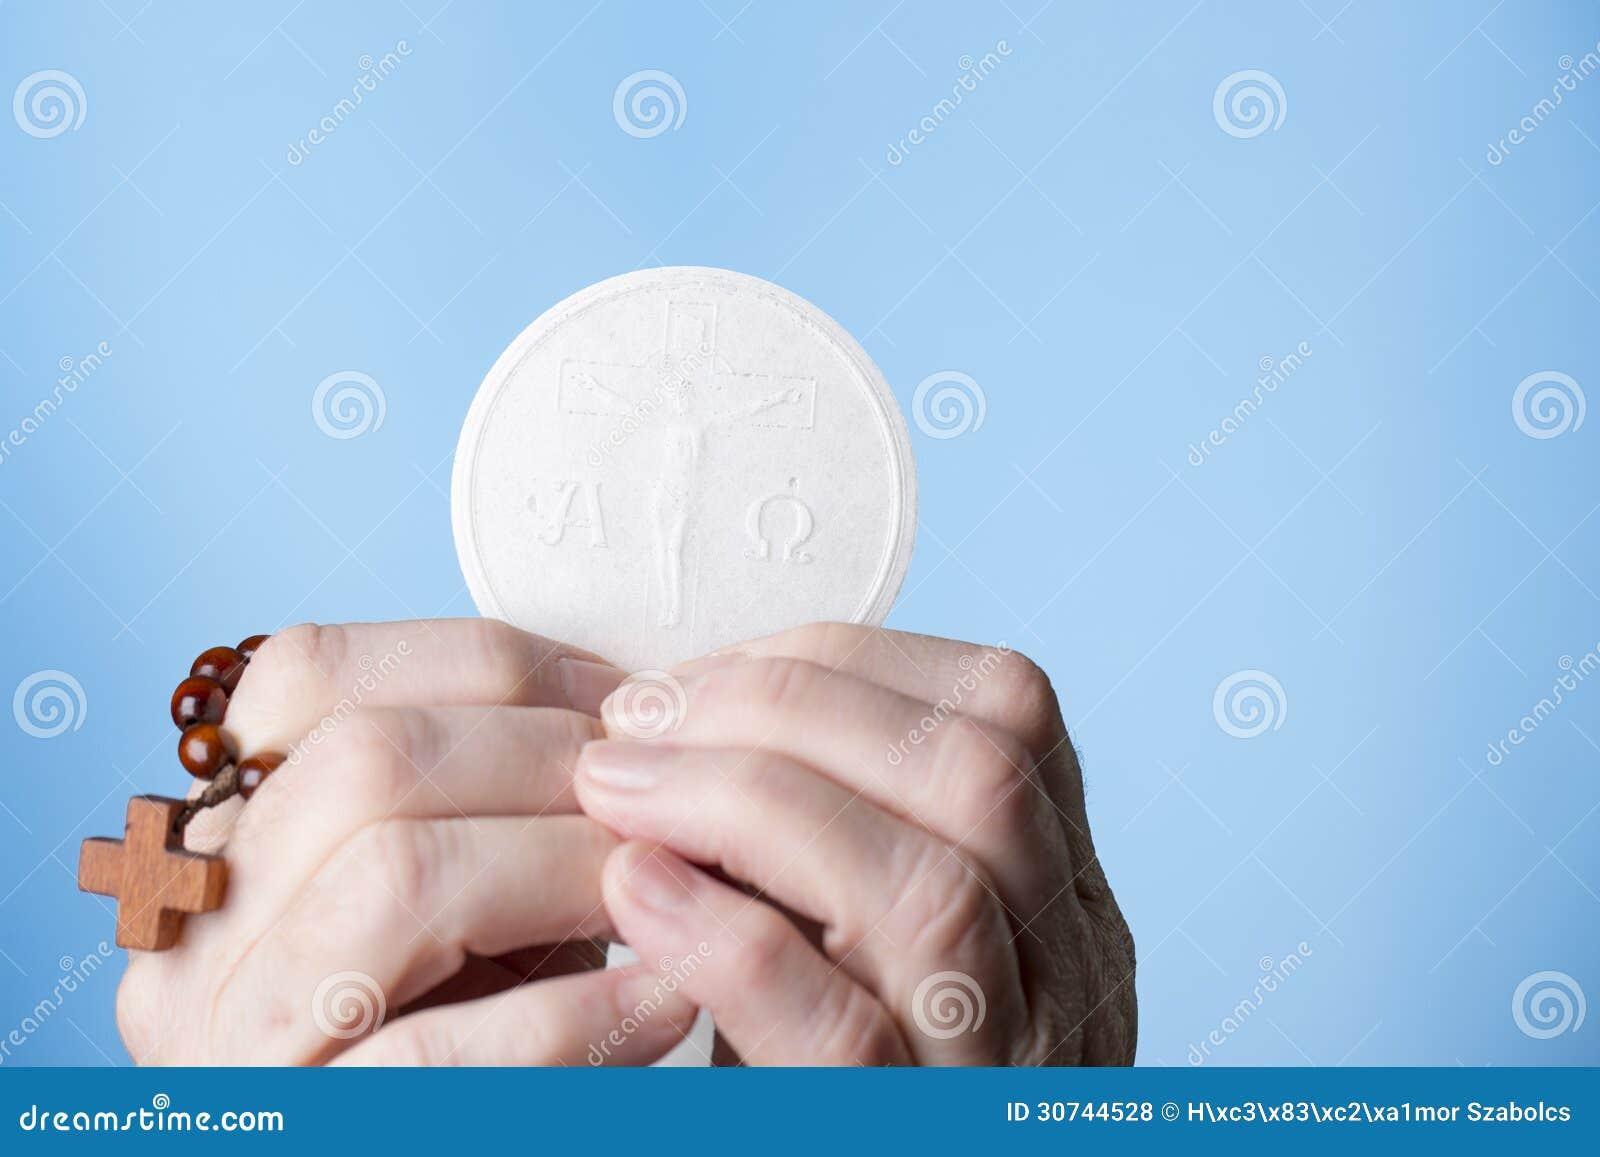 La mayoría de la eucaristía santa